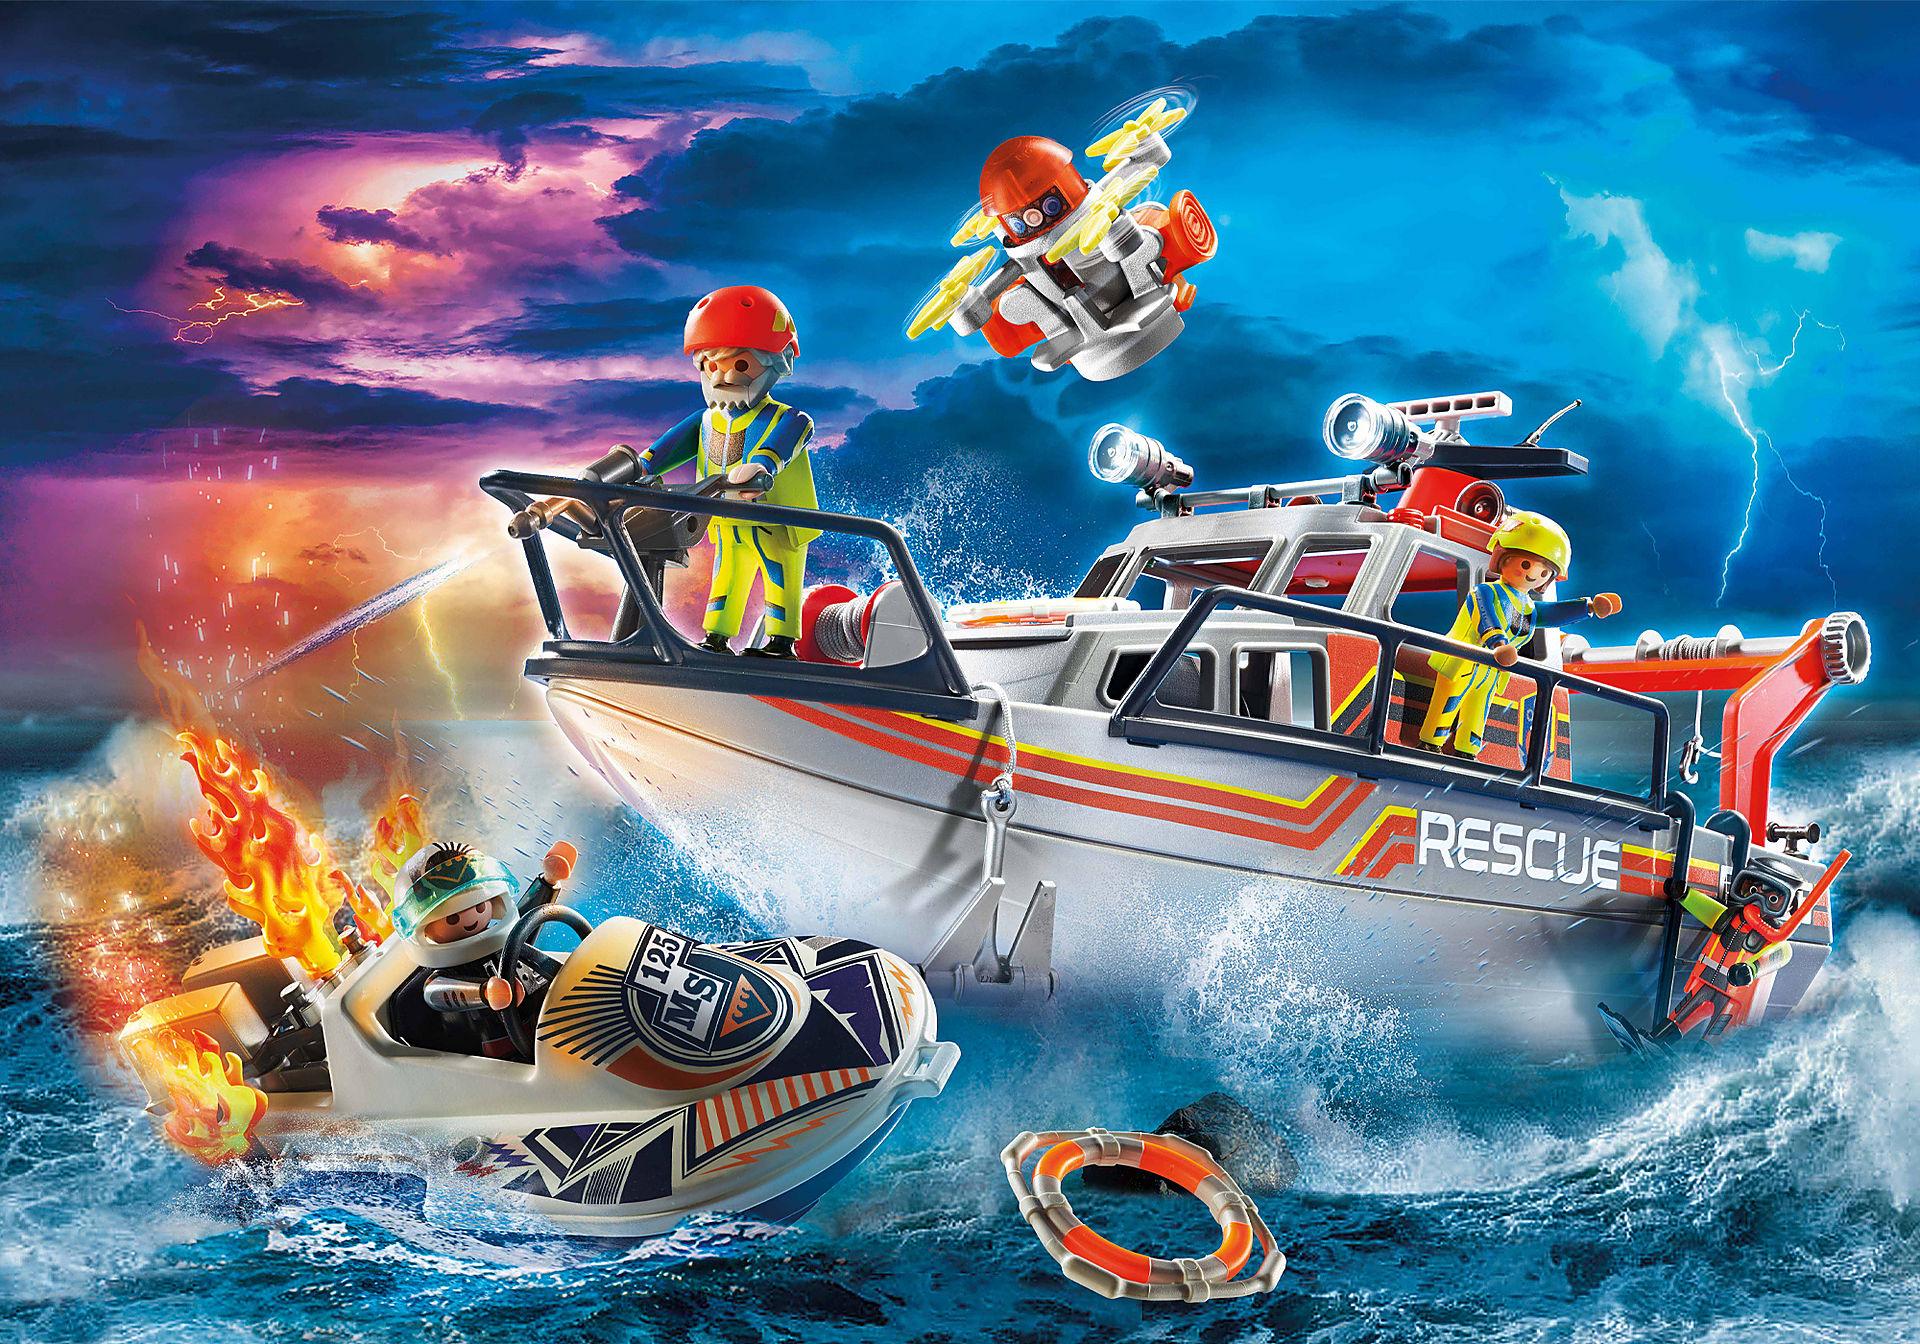 70140 Skibsredning: Slukningsudstyr med redningsbåd zoom image1